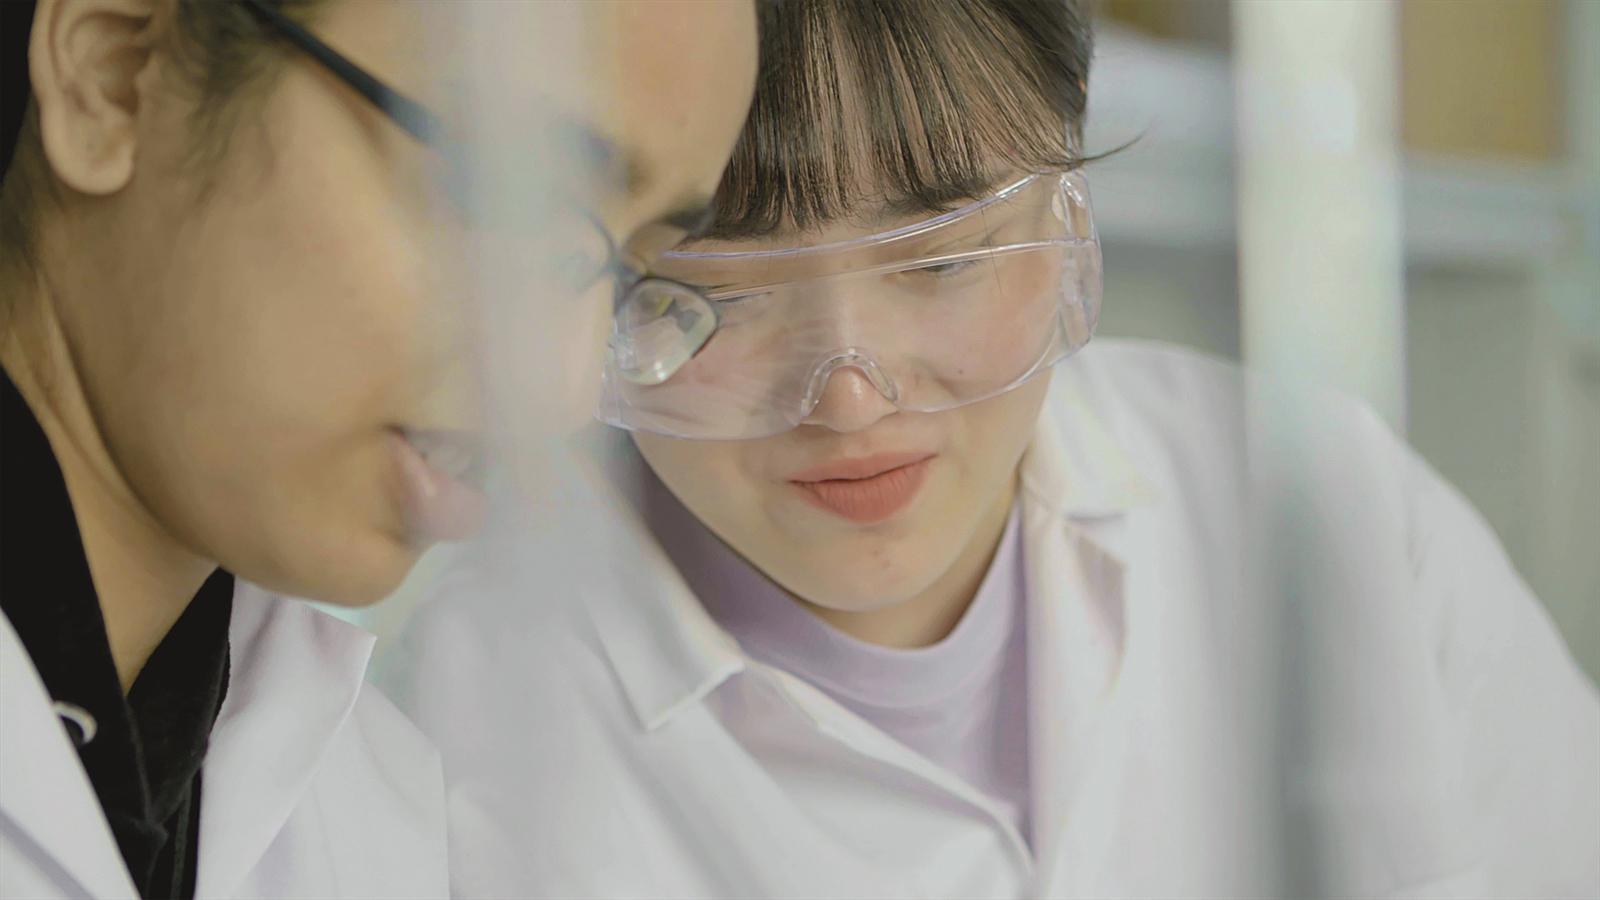 ТОП-5 советов о том, как поступить в медицинские университеты Великобритании